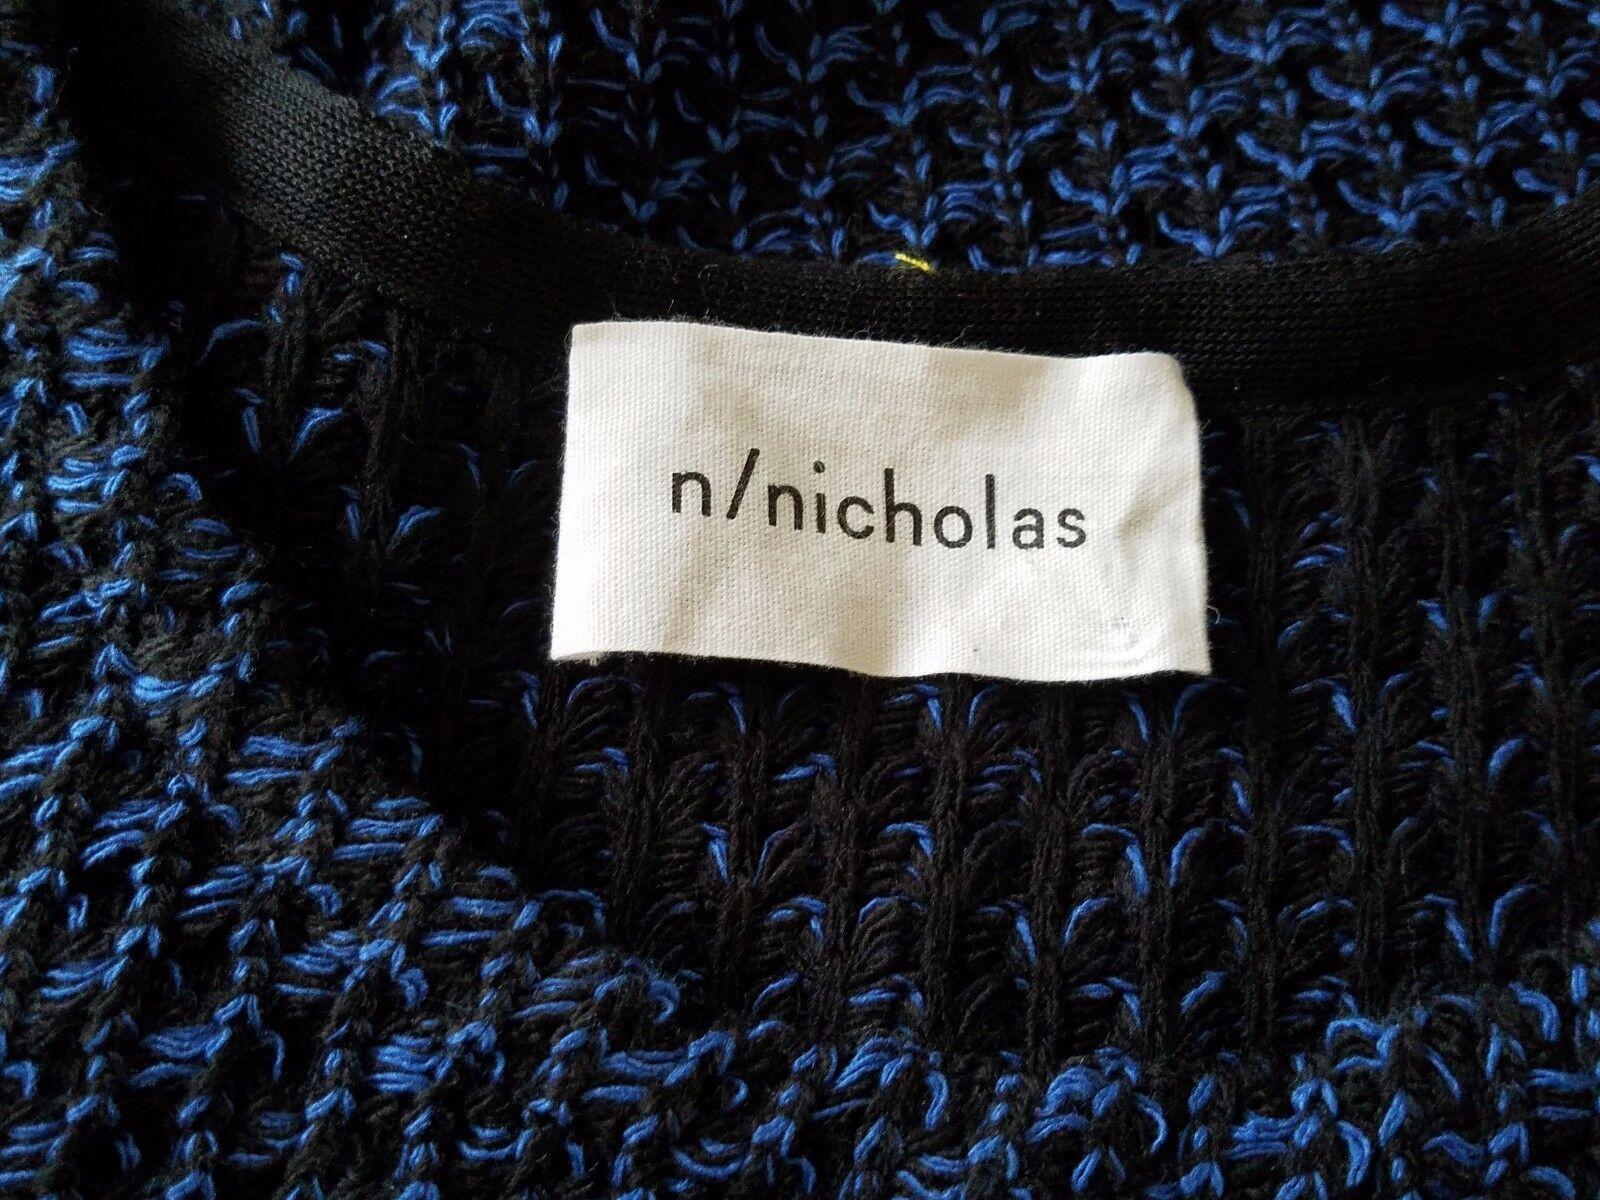 N NICHOLAS WOMEN VEST TOP SLEEVELESS KNIT MULTI-COLOR SIZE US US US 8 AUS 12 ee3816